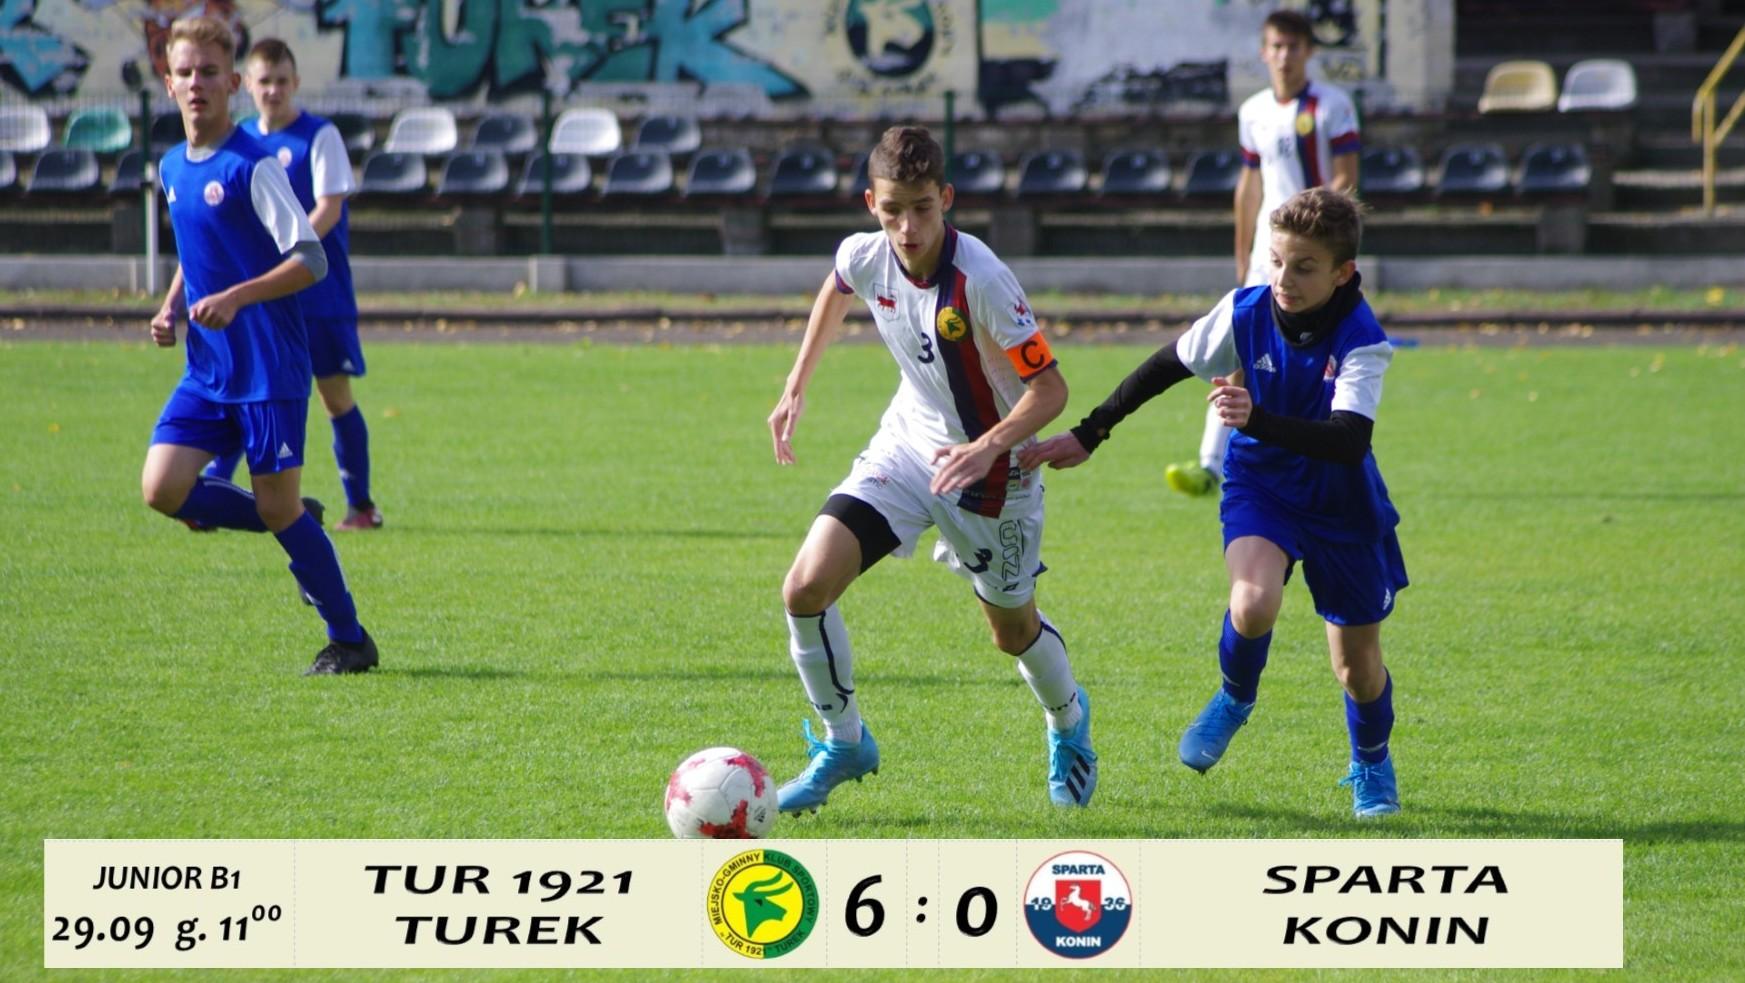 Tur 1921 Turek- Sparta Konin 6:0